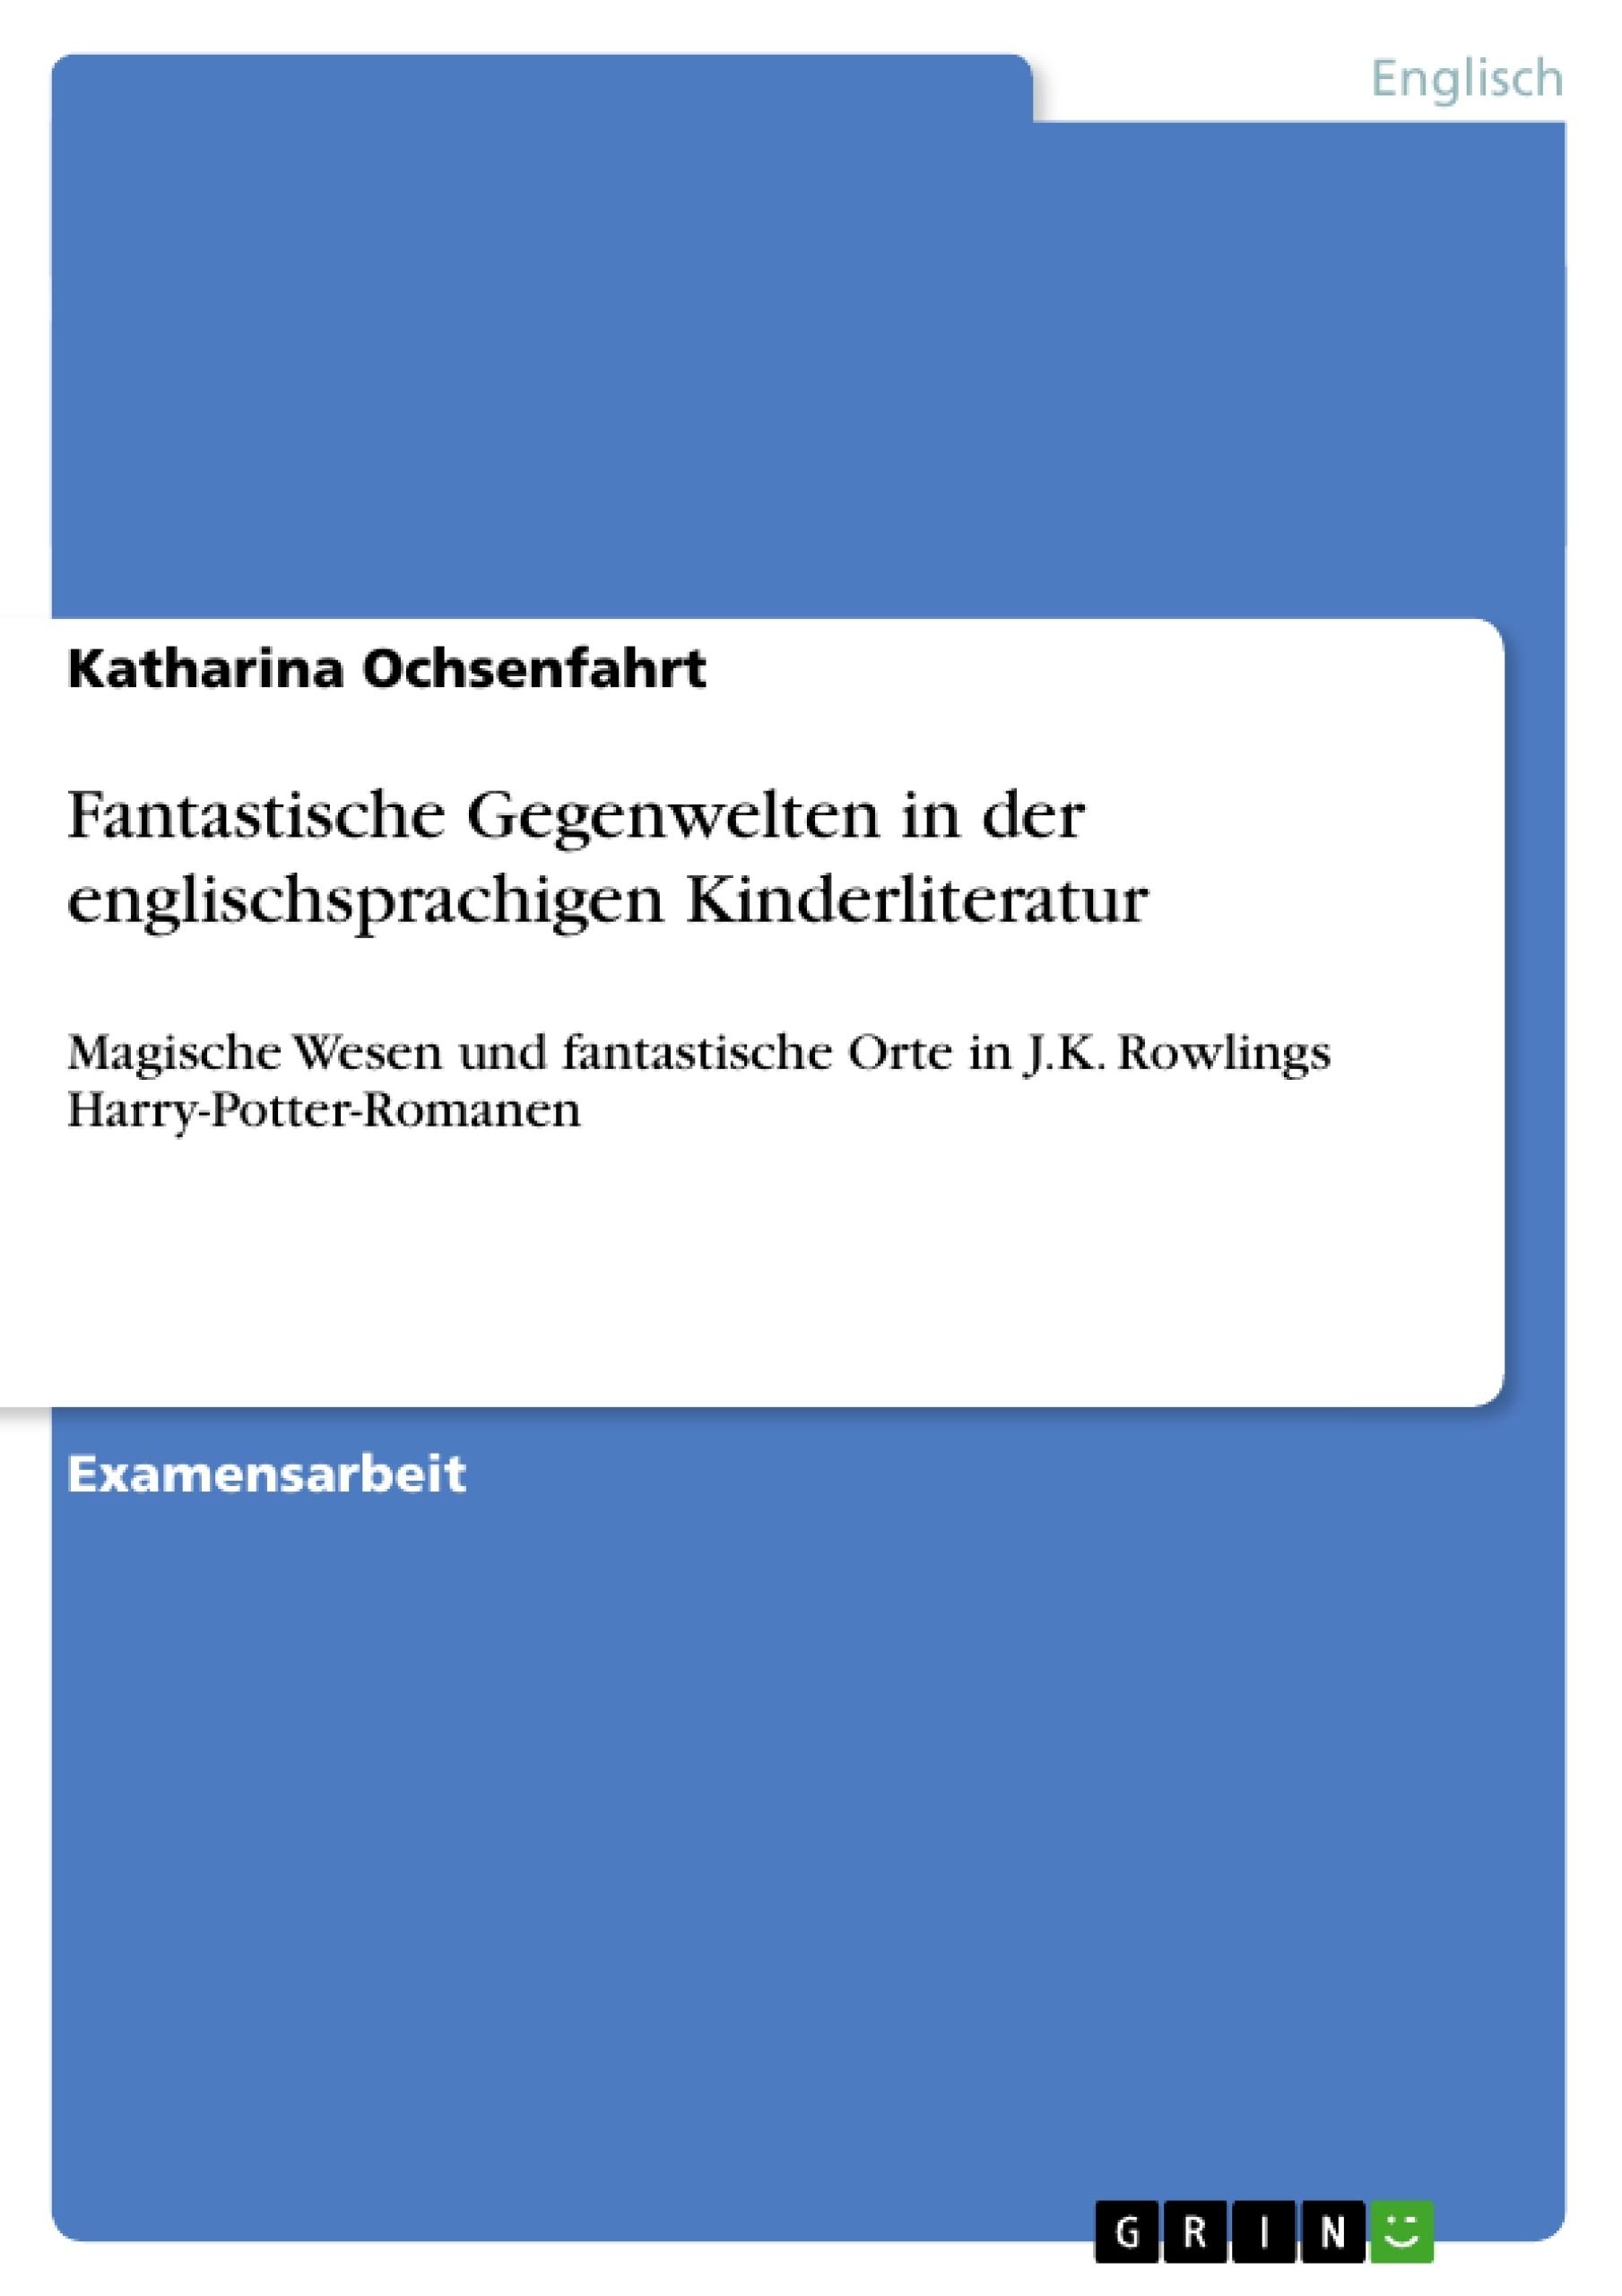 Titel: Fantastische Gegenwelten in der englischsprachigen Kinderliteratur